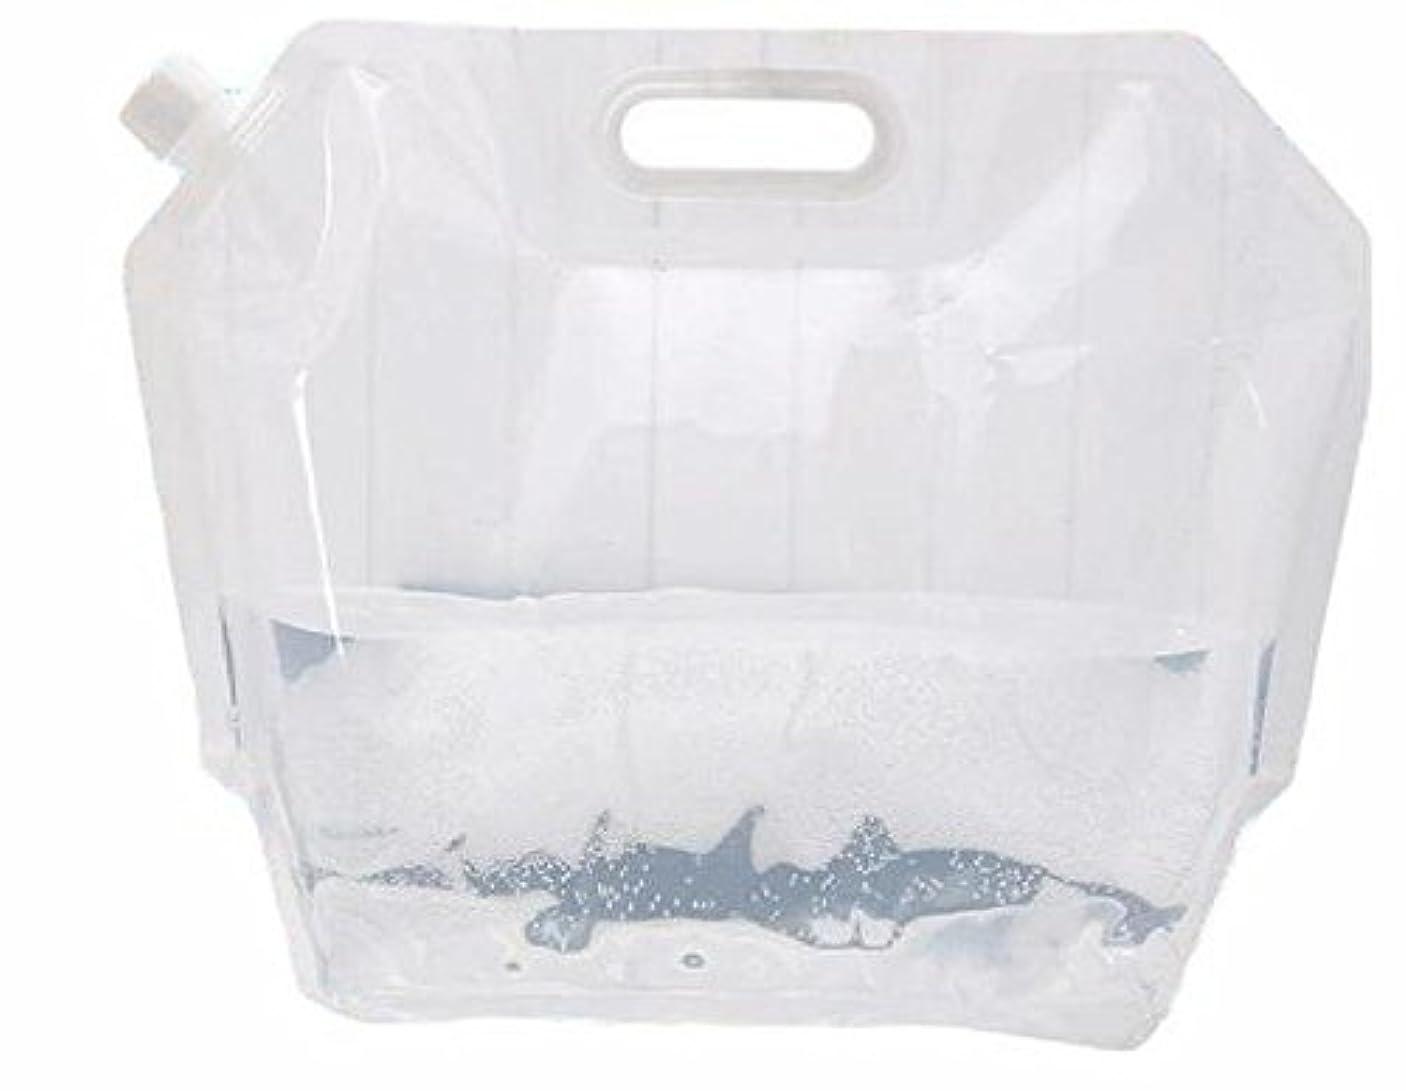 ウサギポスト印象派一掃するポリタンク 水 ポータブル 給水 タンク折り畳み式 キャンプ 災害 対策 に